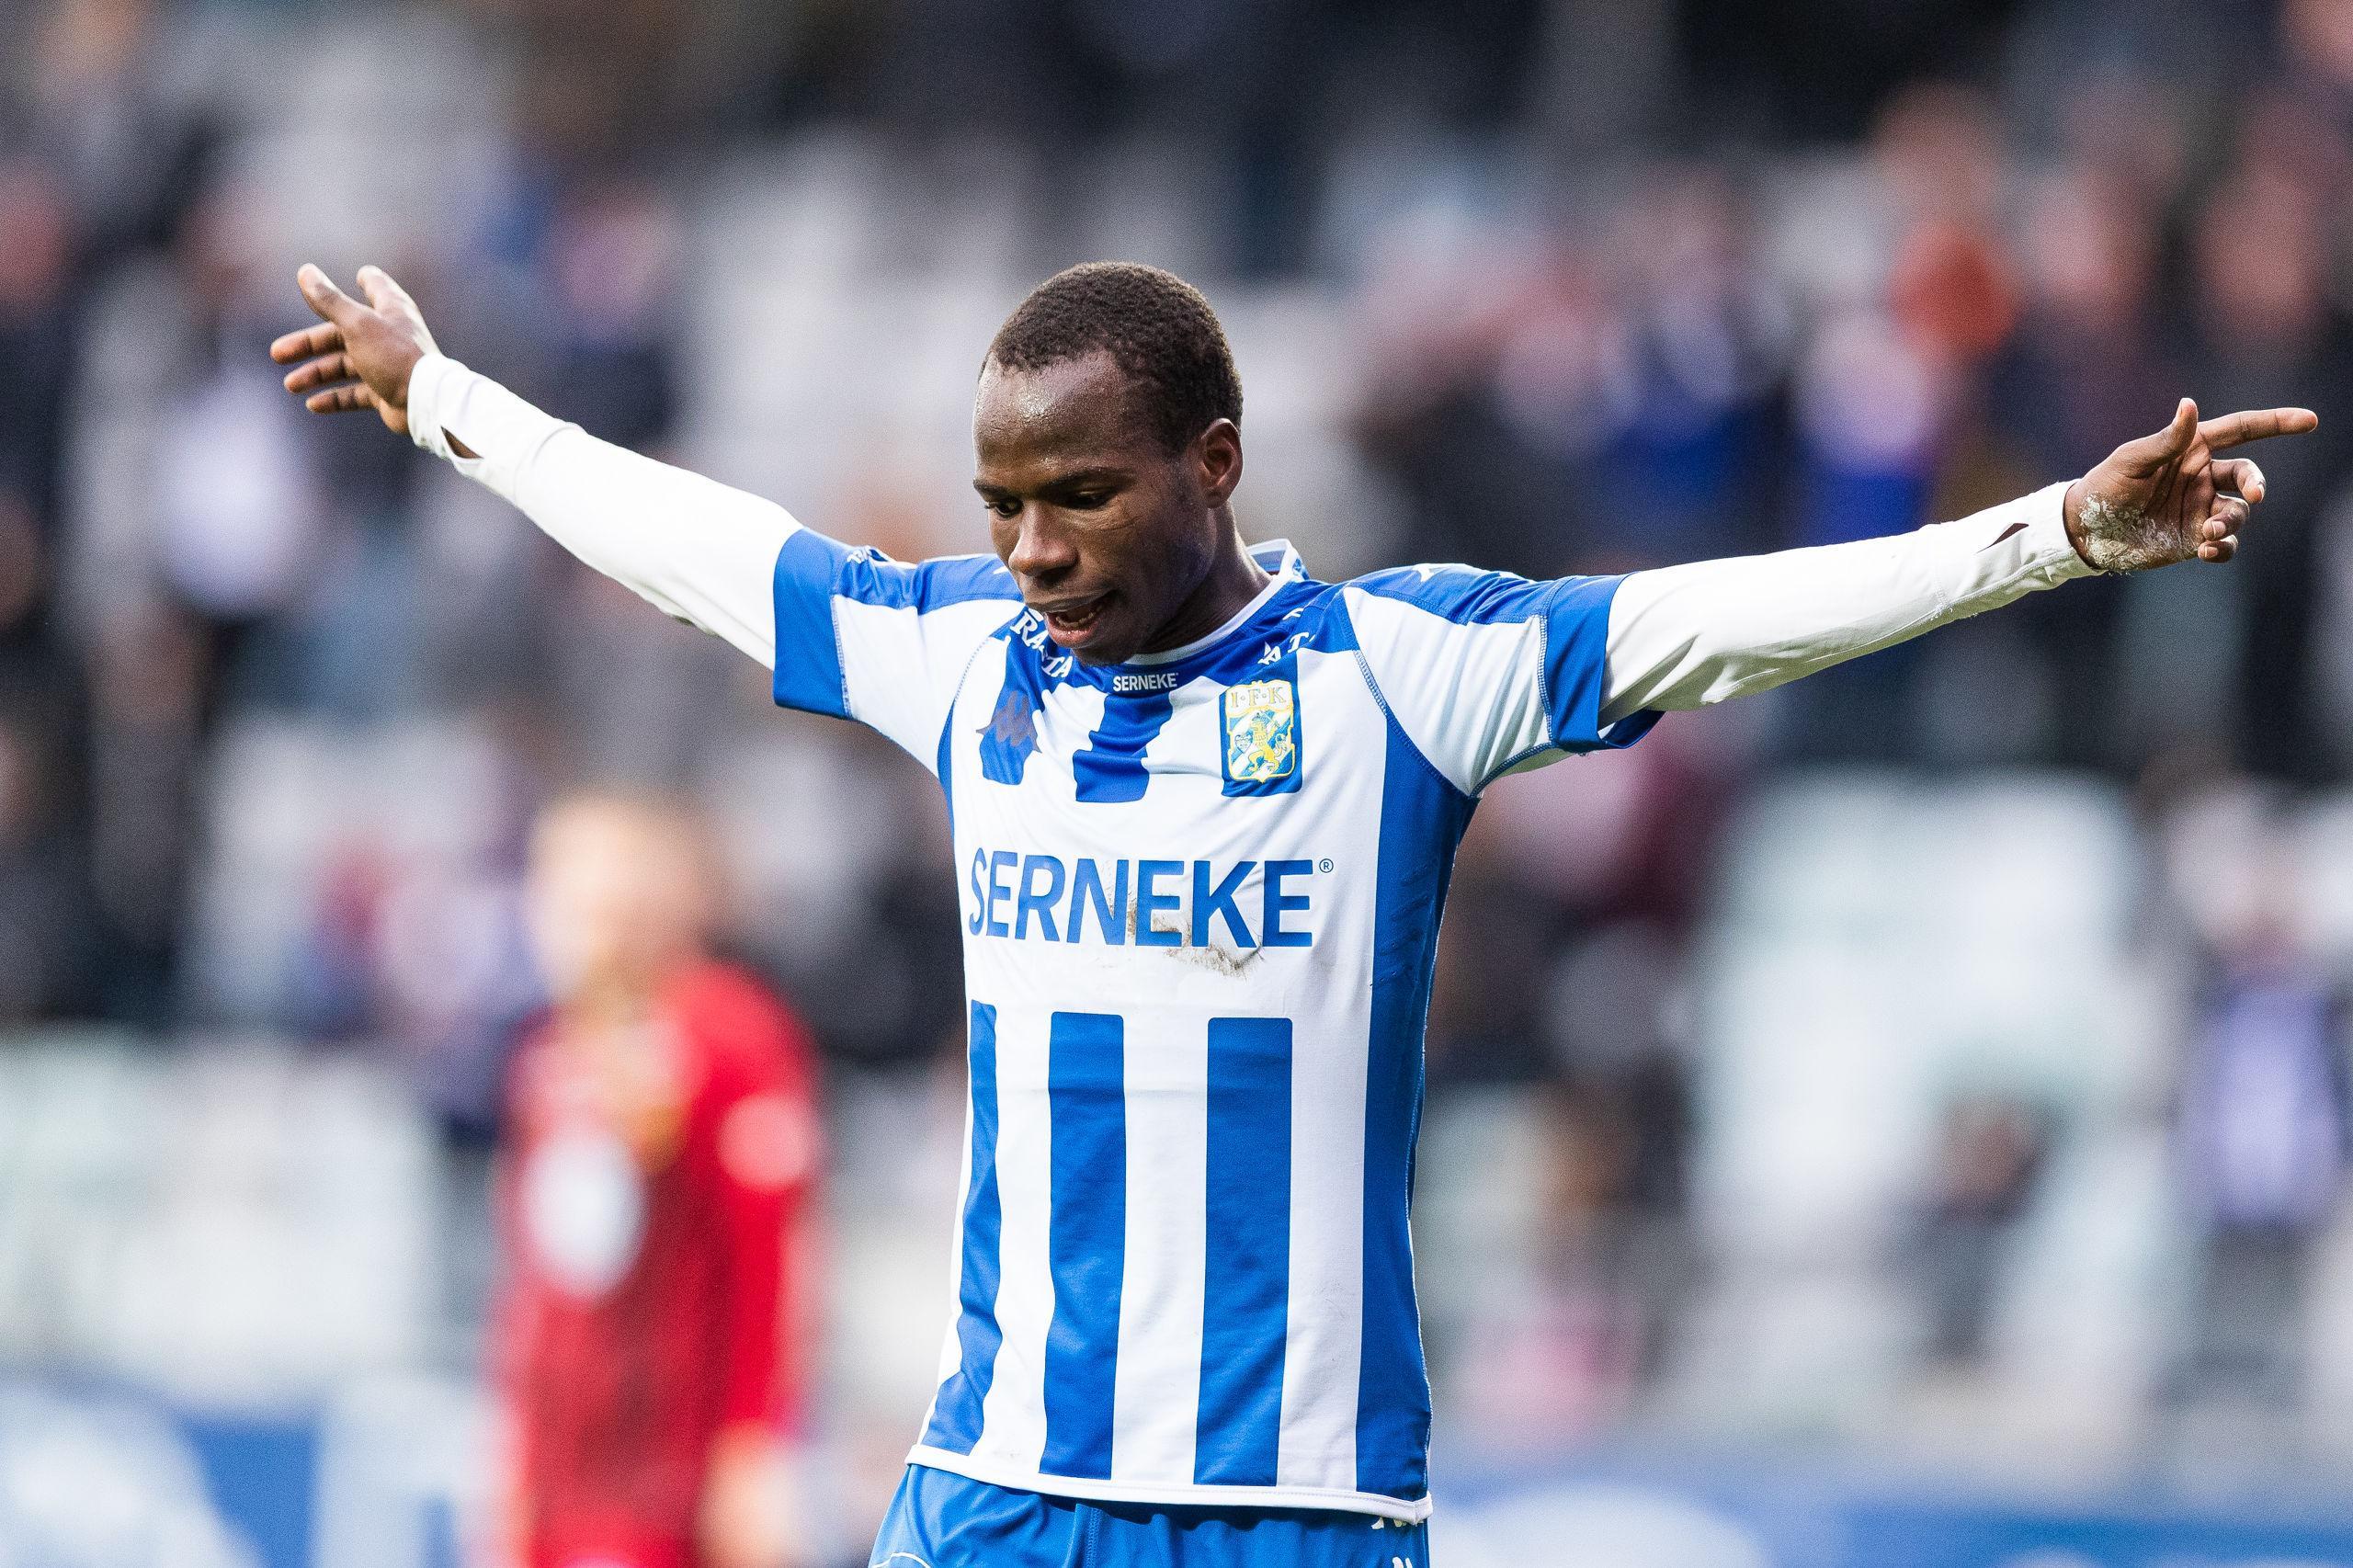 Nya detaljer kring Alhassan Yusufs kontrakt med IFK Göteborg